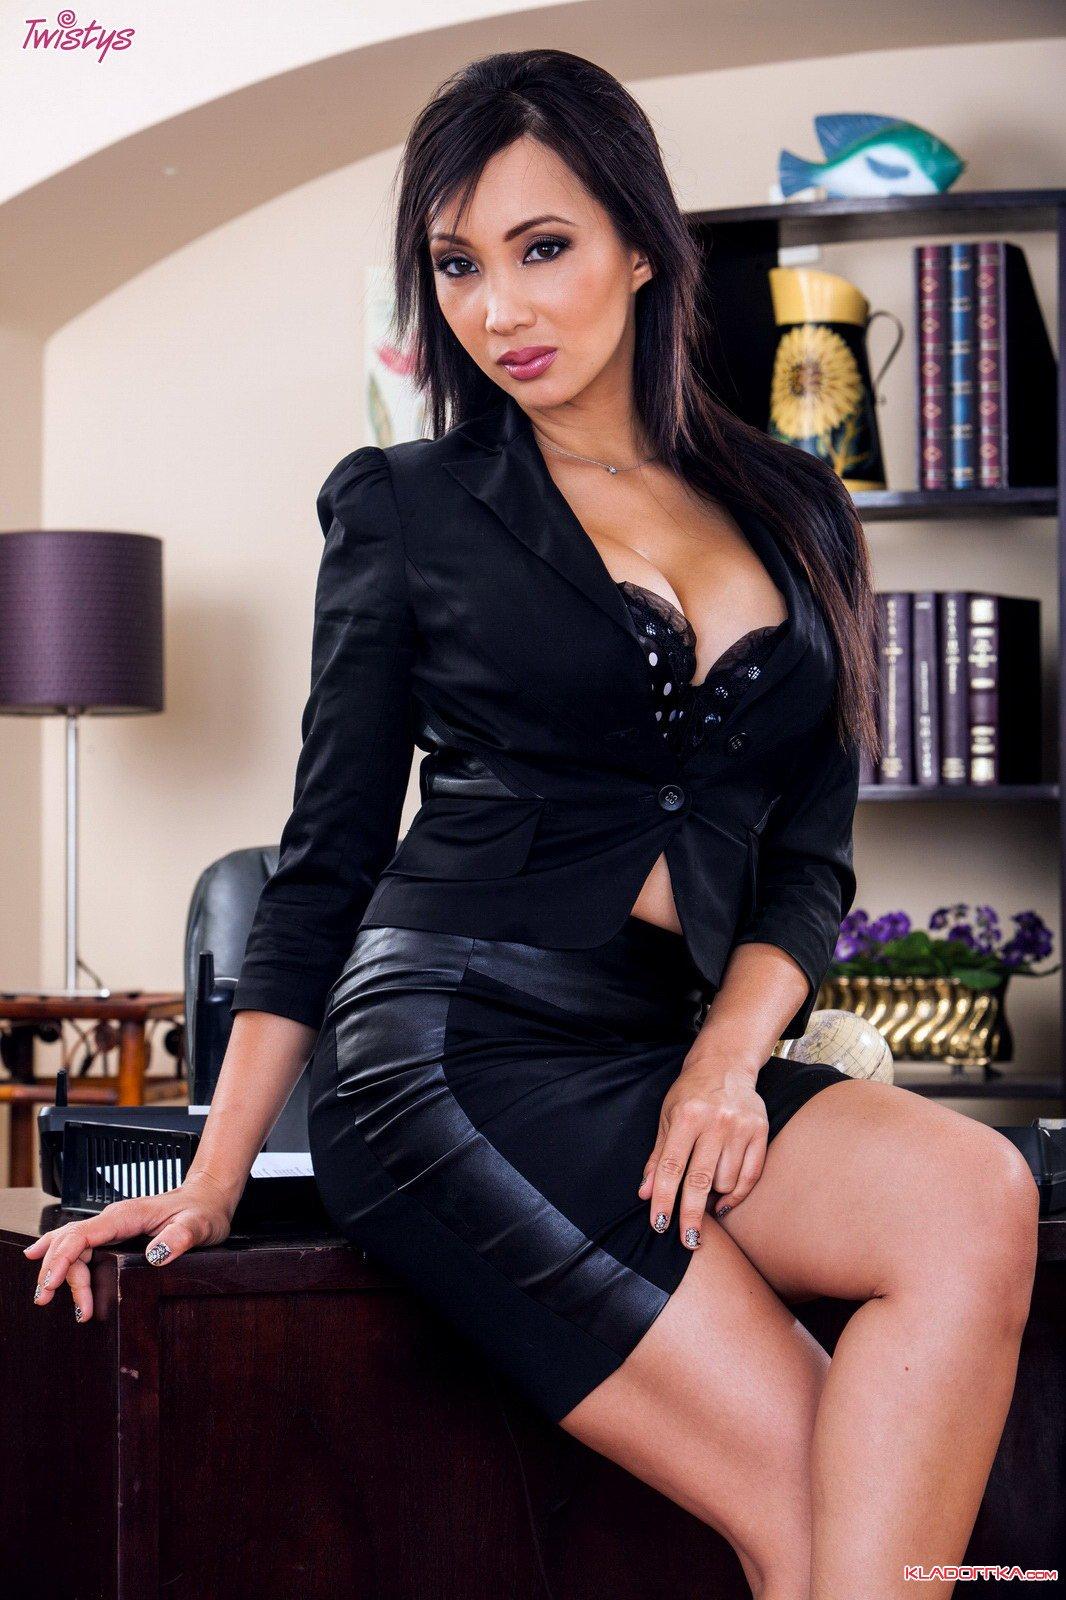 Деловая Katsuni в офисе » Красивые эротические фото, голые девушки ...